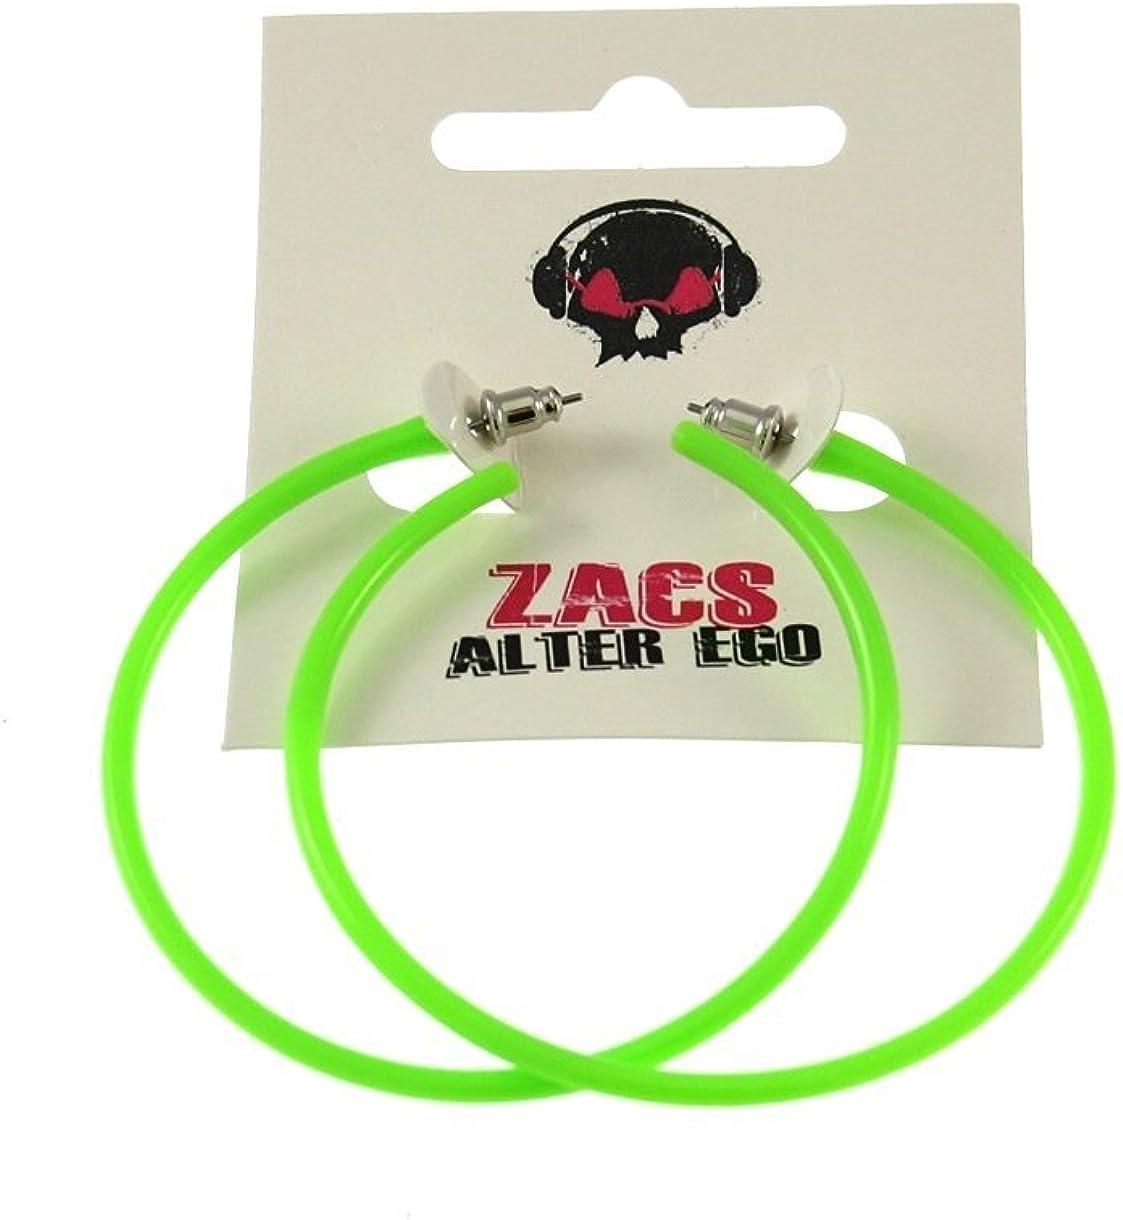 Zac's Alter Ego Plastic Hoop Neon Earrings for Fancy Dress - 80s/ Pop/Clubbers